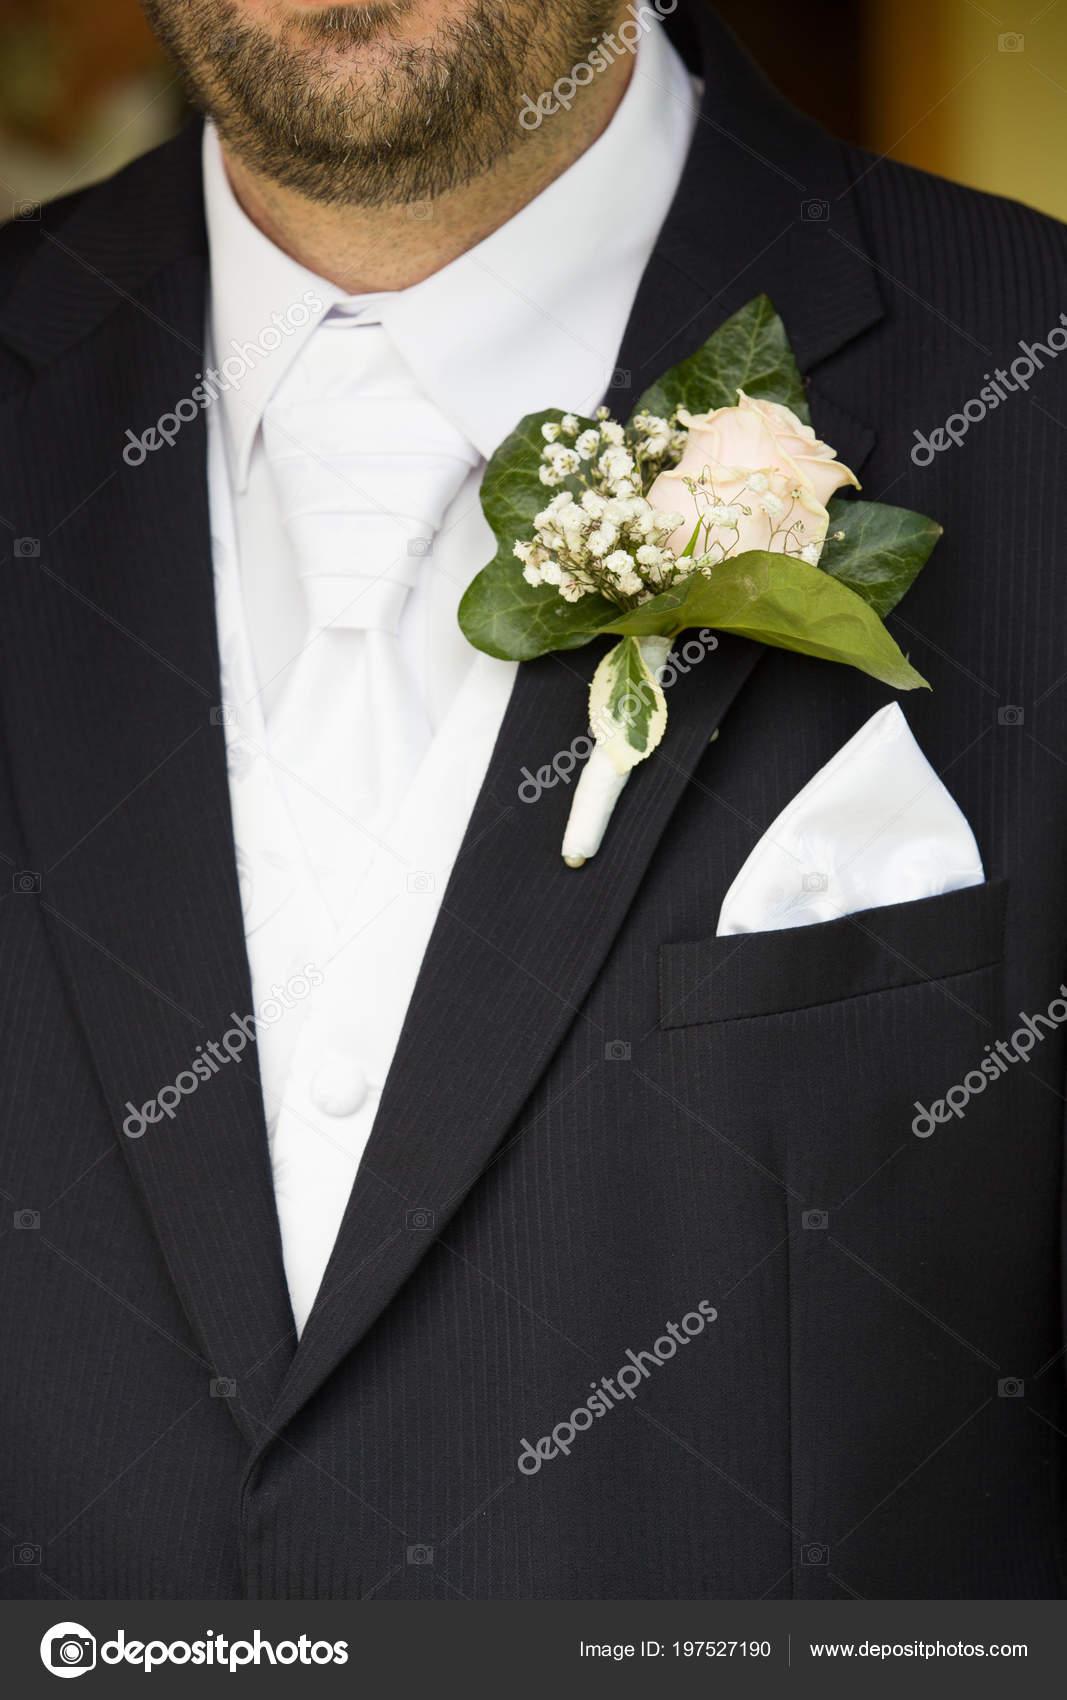 Brautigam Kleidung Detail Hellen Weissen Hemd Und Krawatte Schwarzen